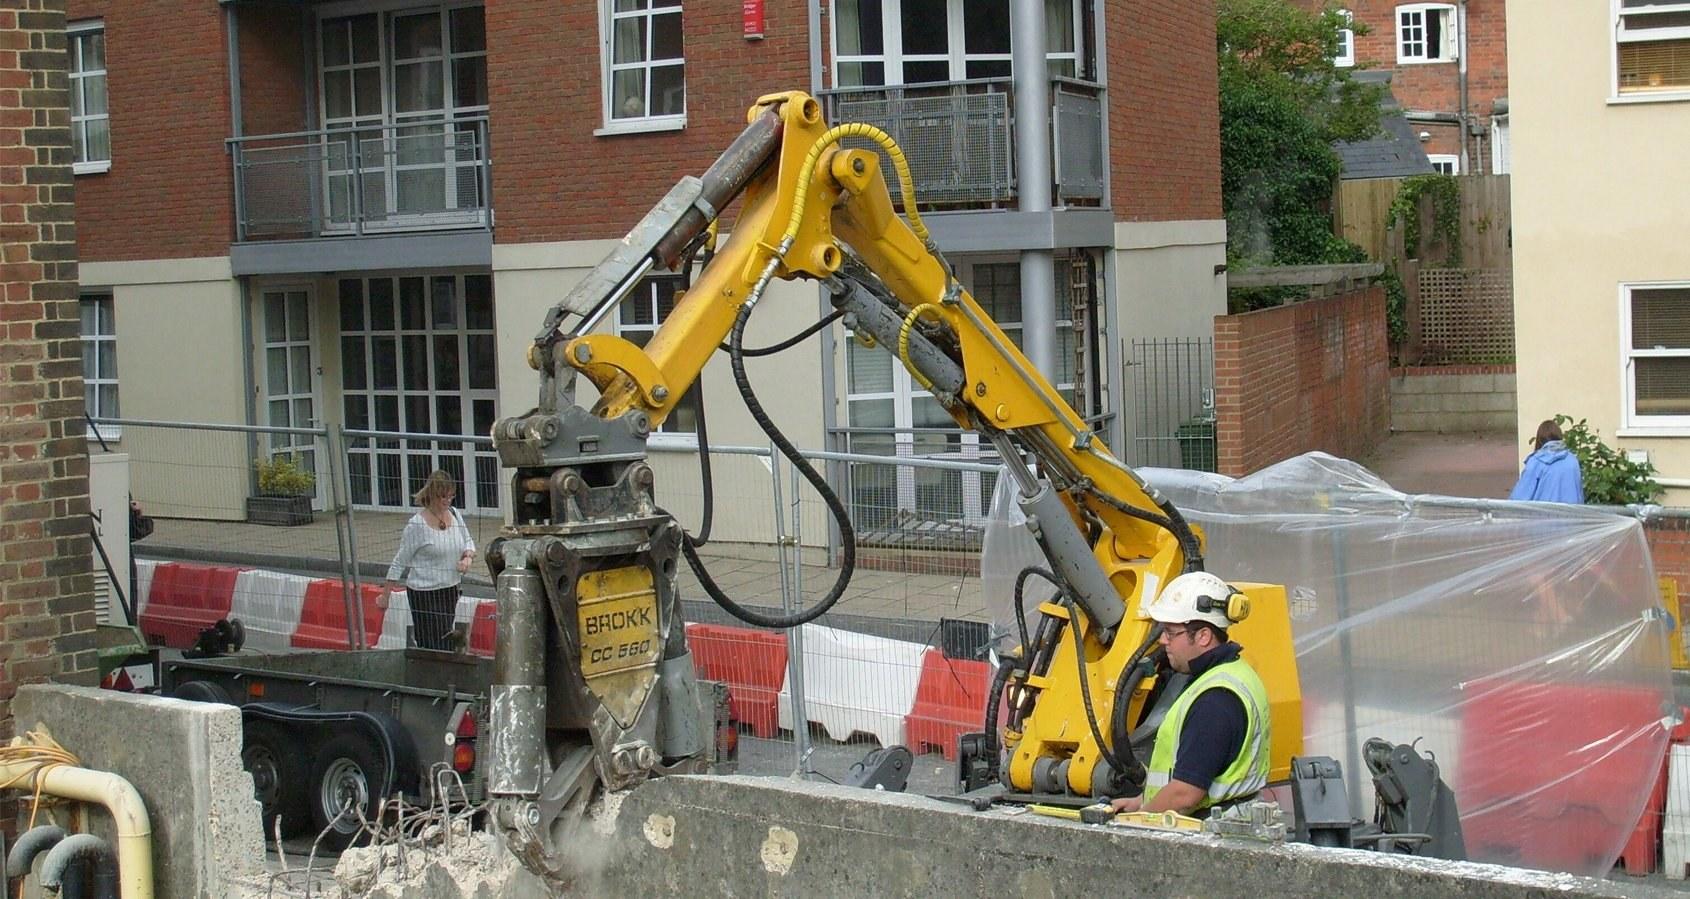 Robotic Demolition In Action